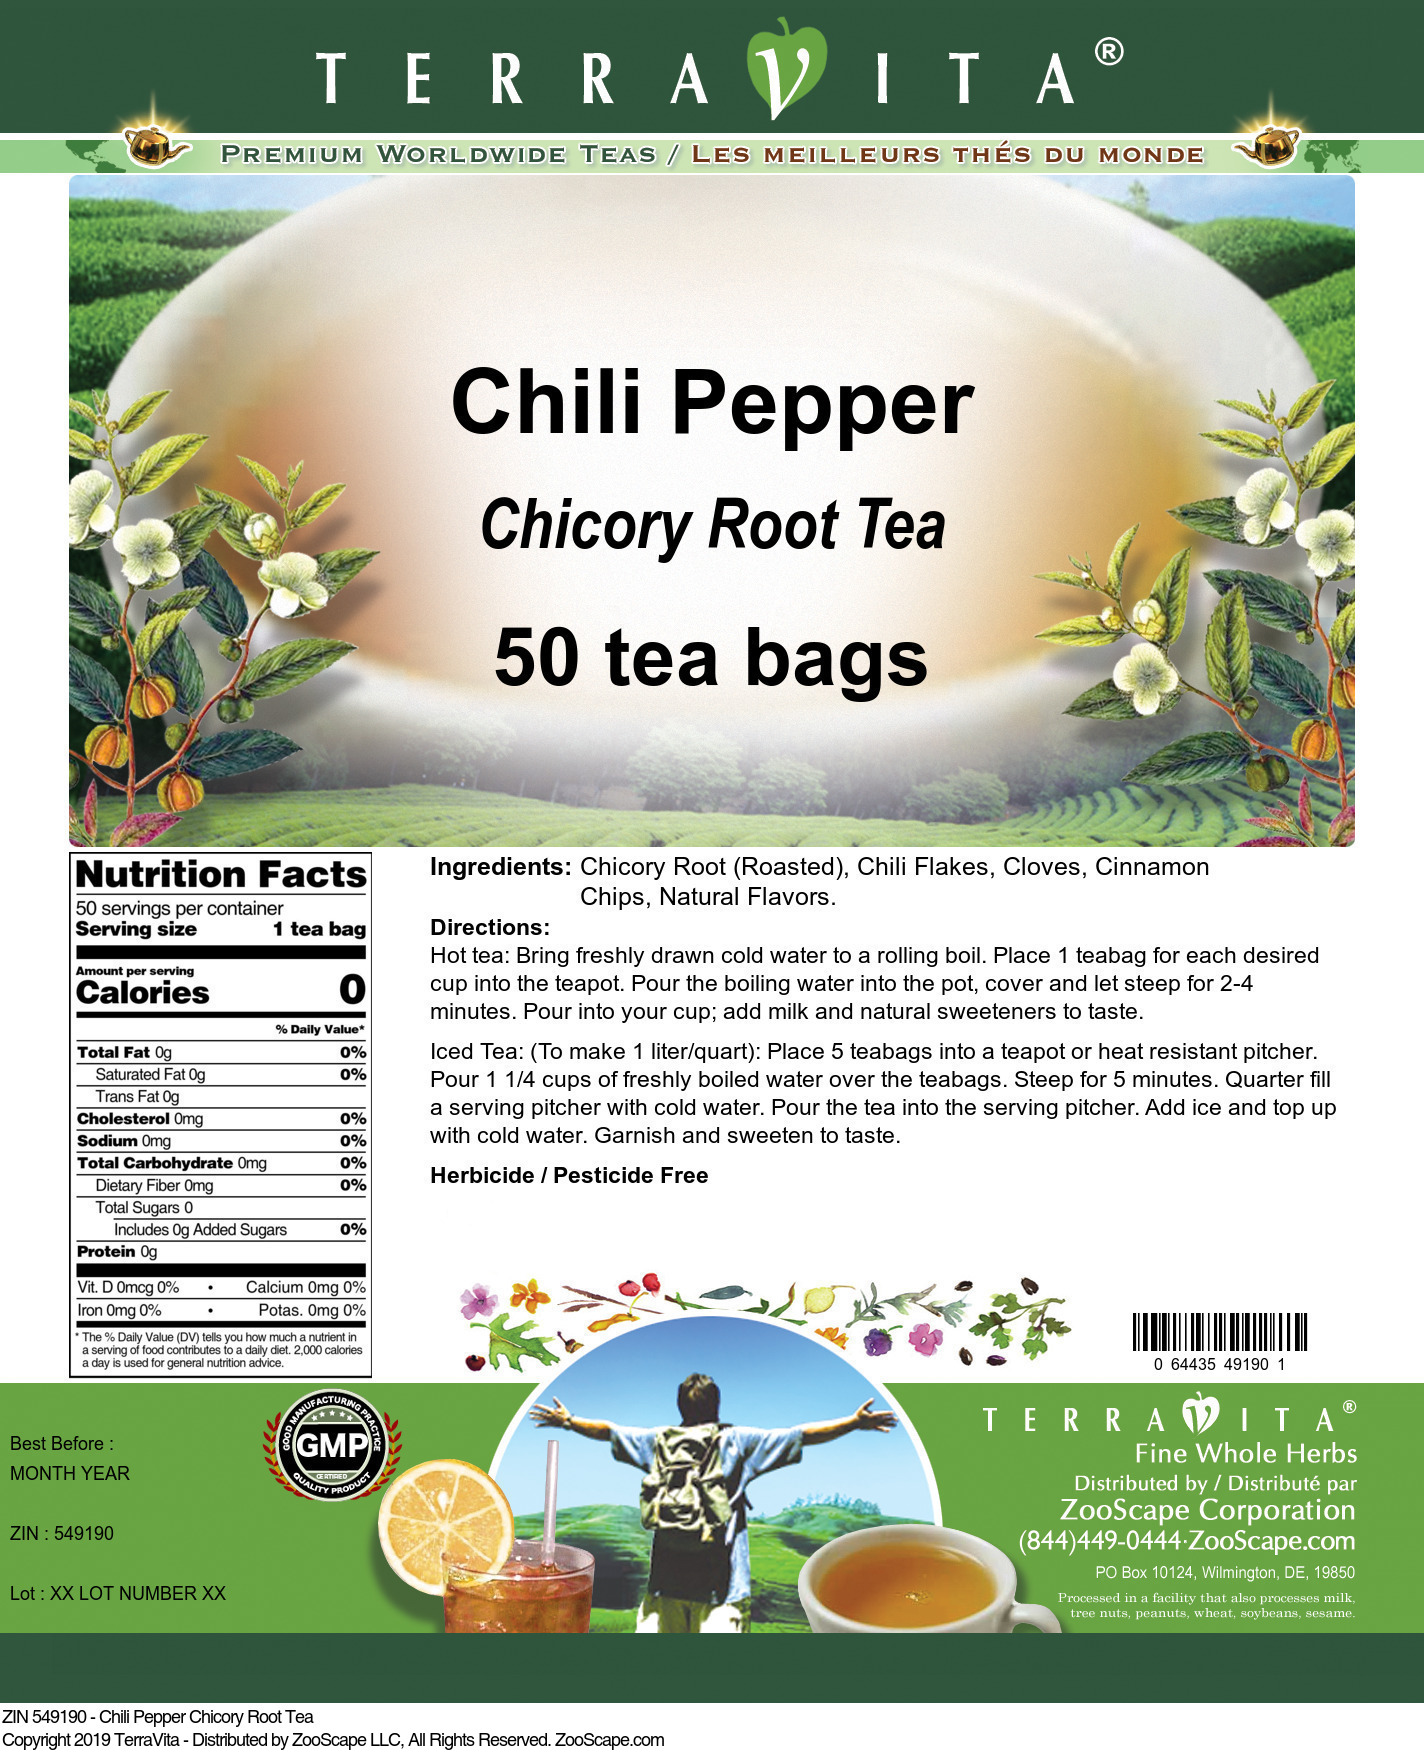 Chili Pepper Chicory Root